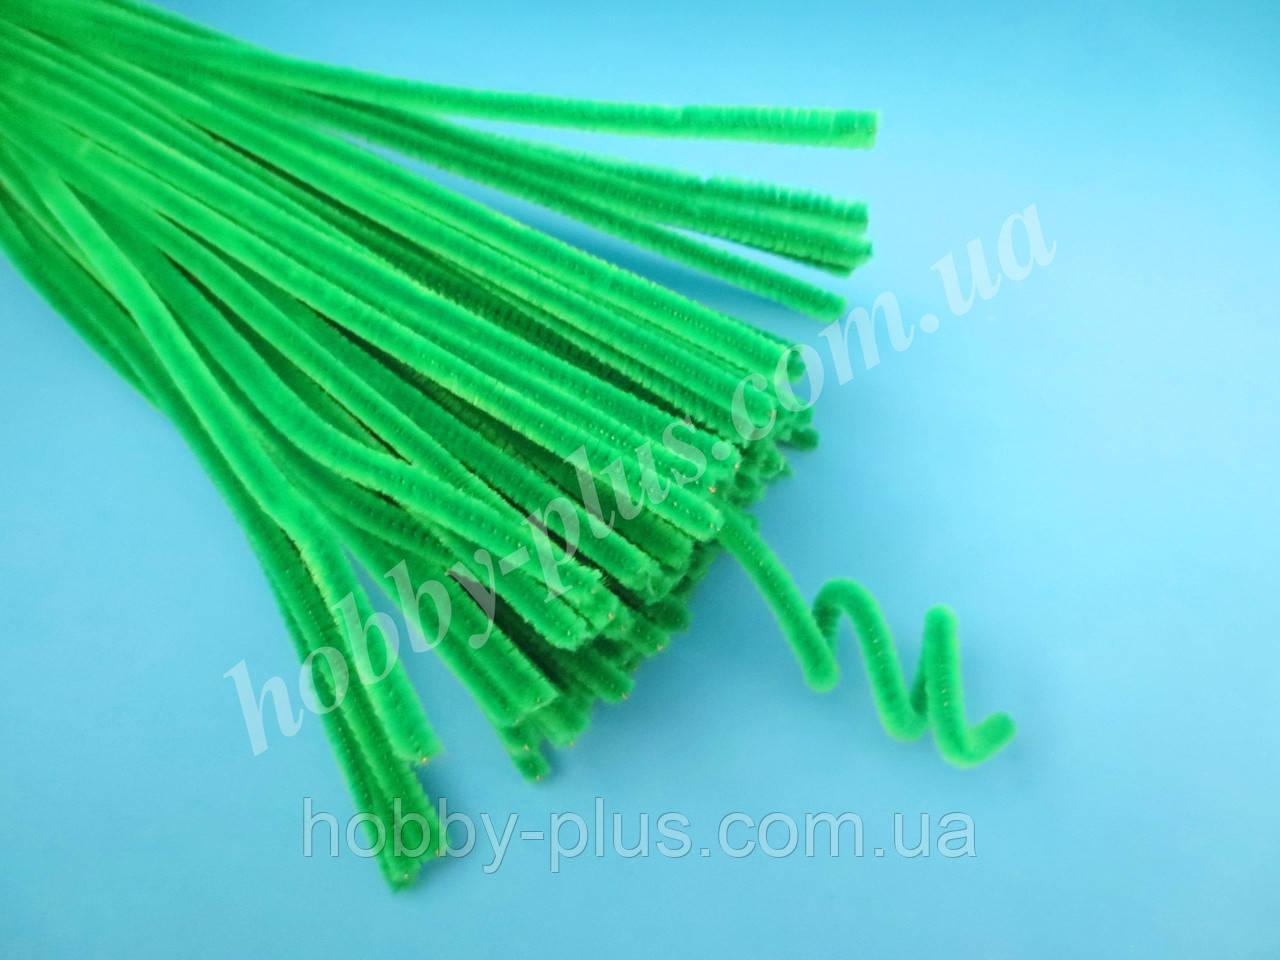 Синельная проволока, 30 см, цвет - зеленый, 10 шт